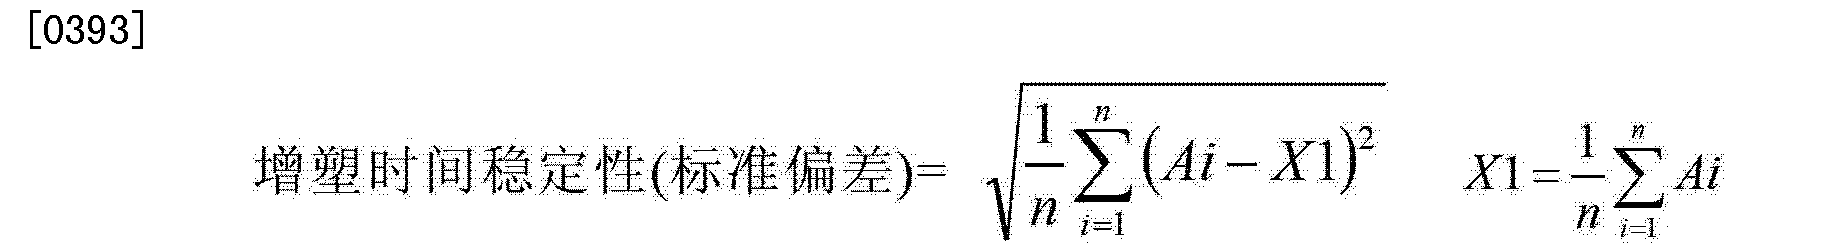 Figure CN103314034BD00301